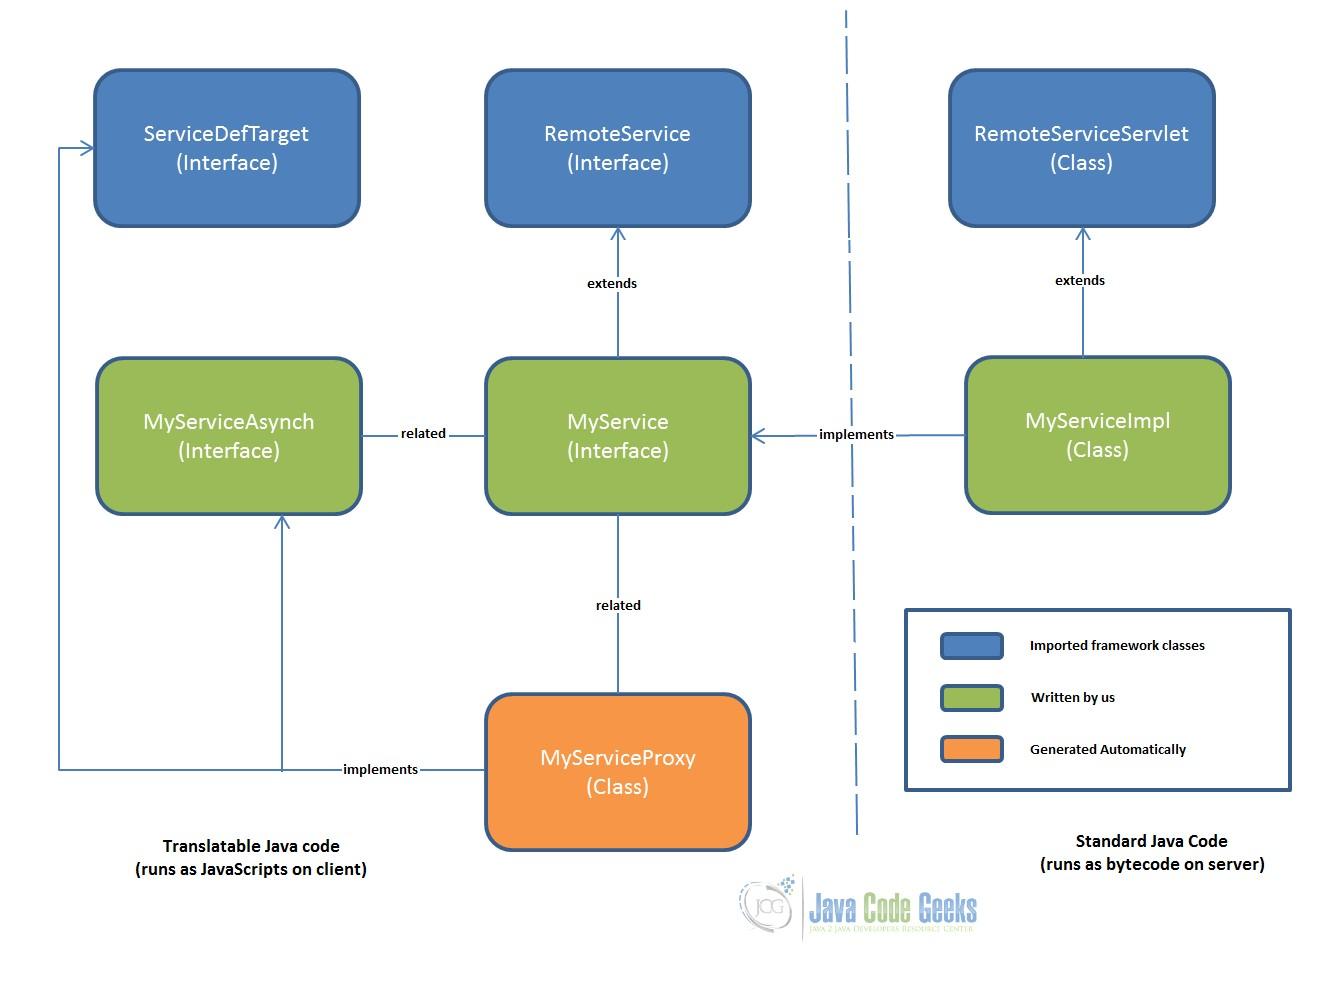 GWT AsyncCallback Example | Examples Java Code Geeks - 2019